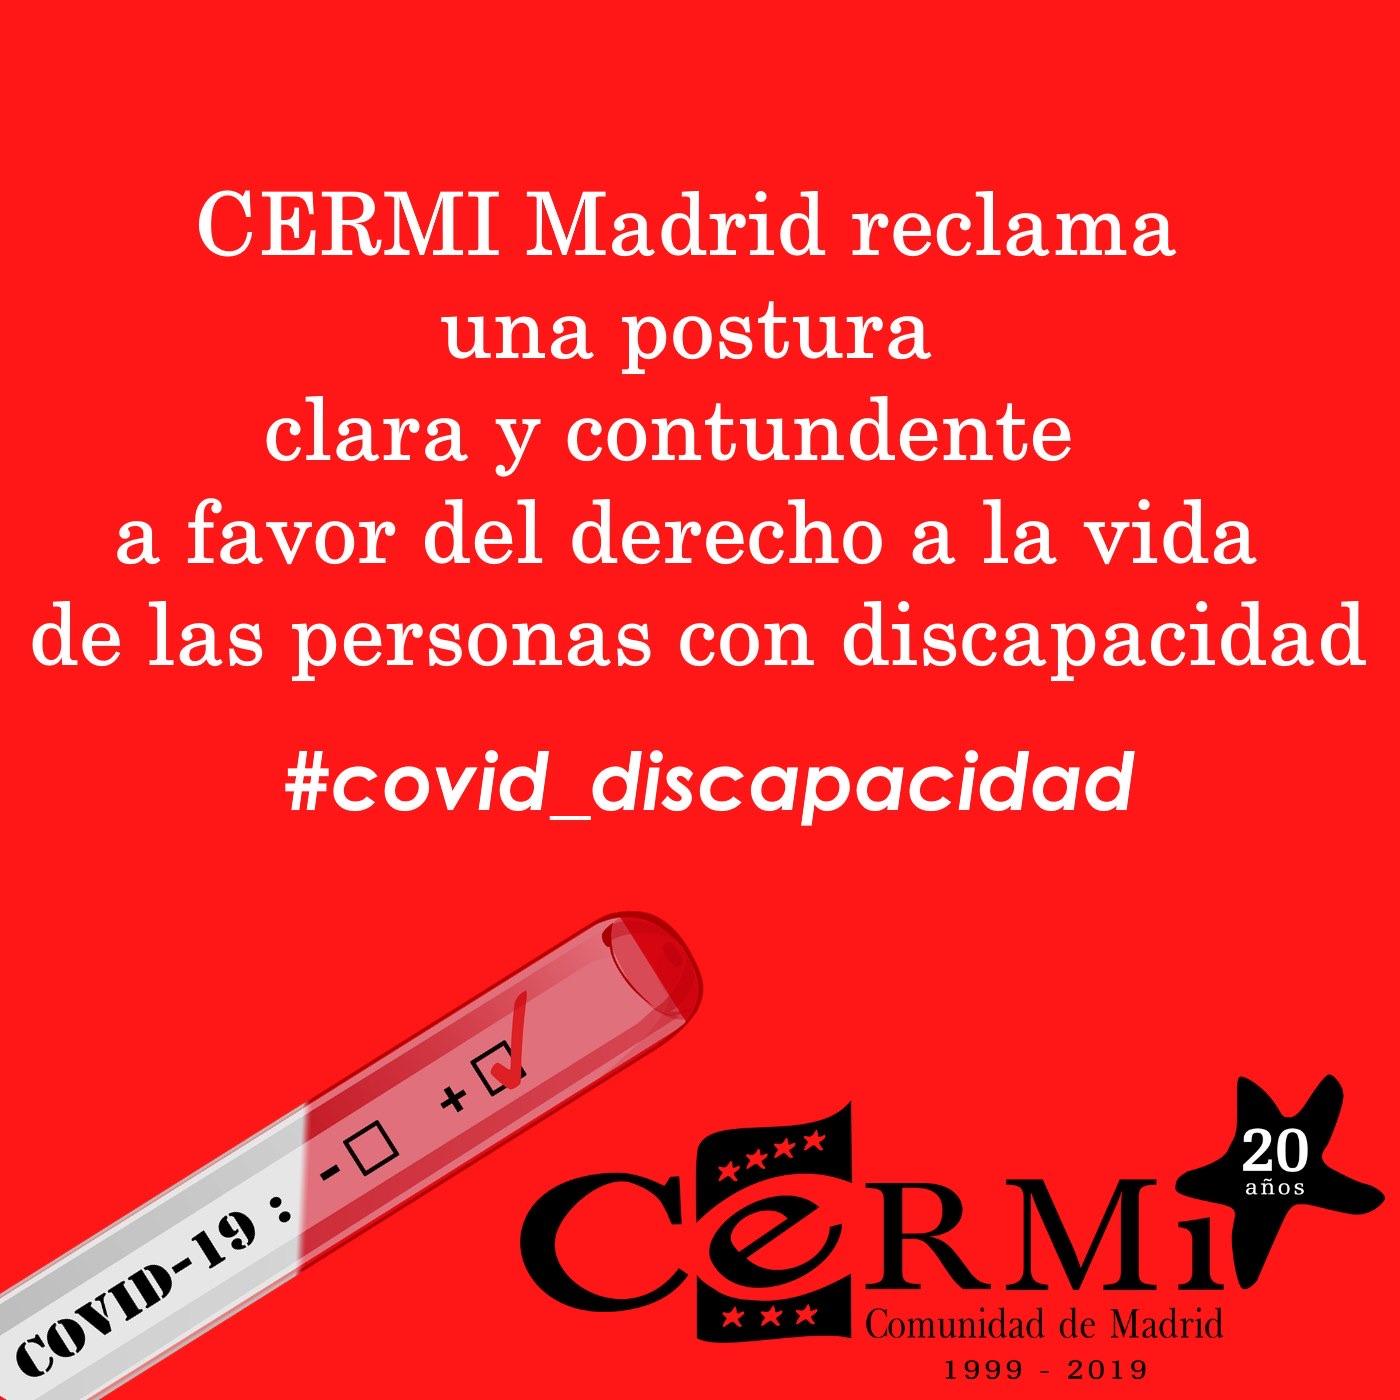 COVID19 discapacidad